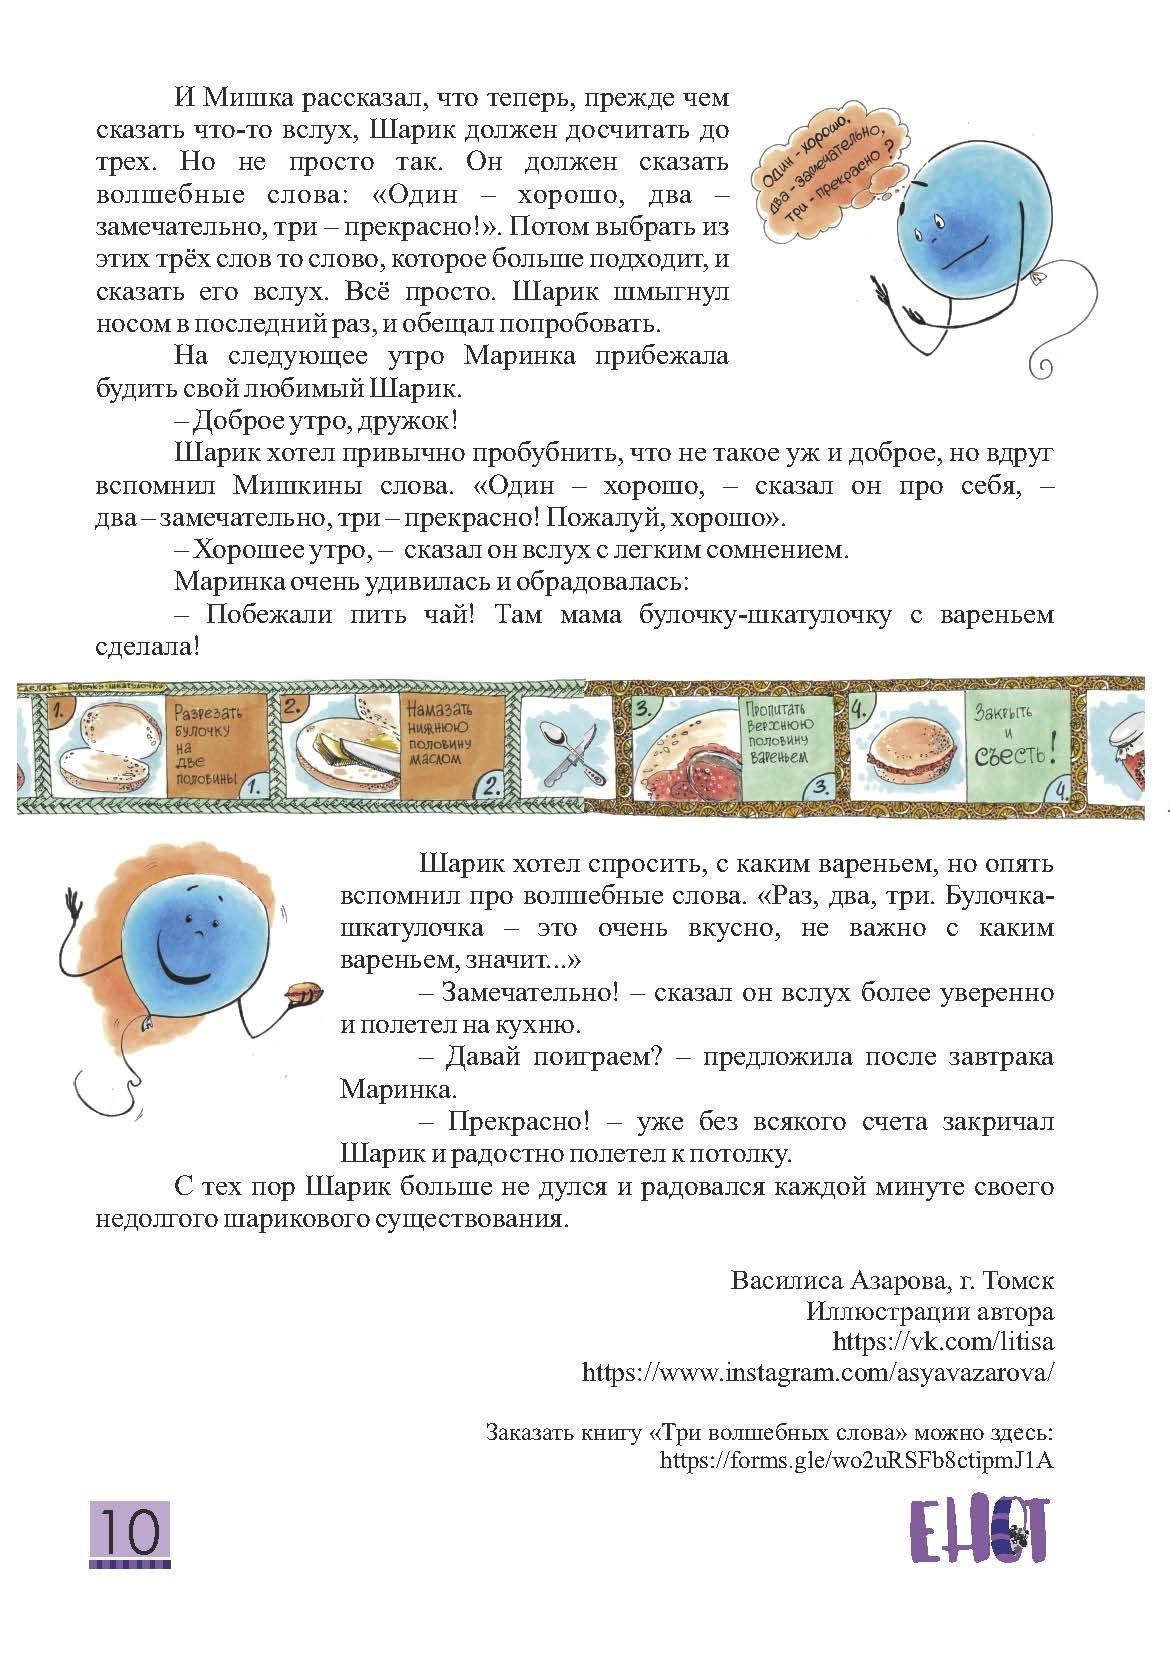 Детский журнал Енот - 2019.08 Страница 10